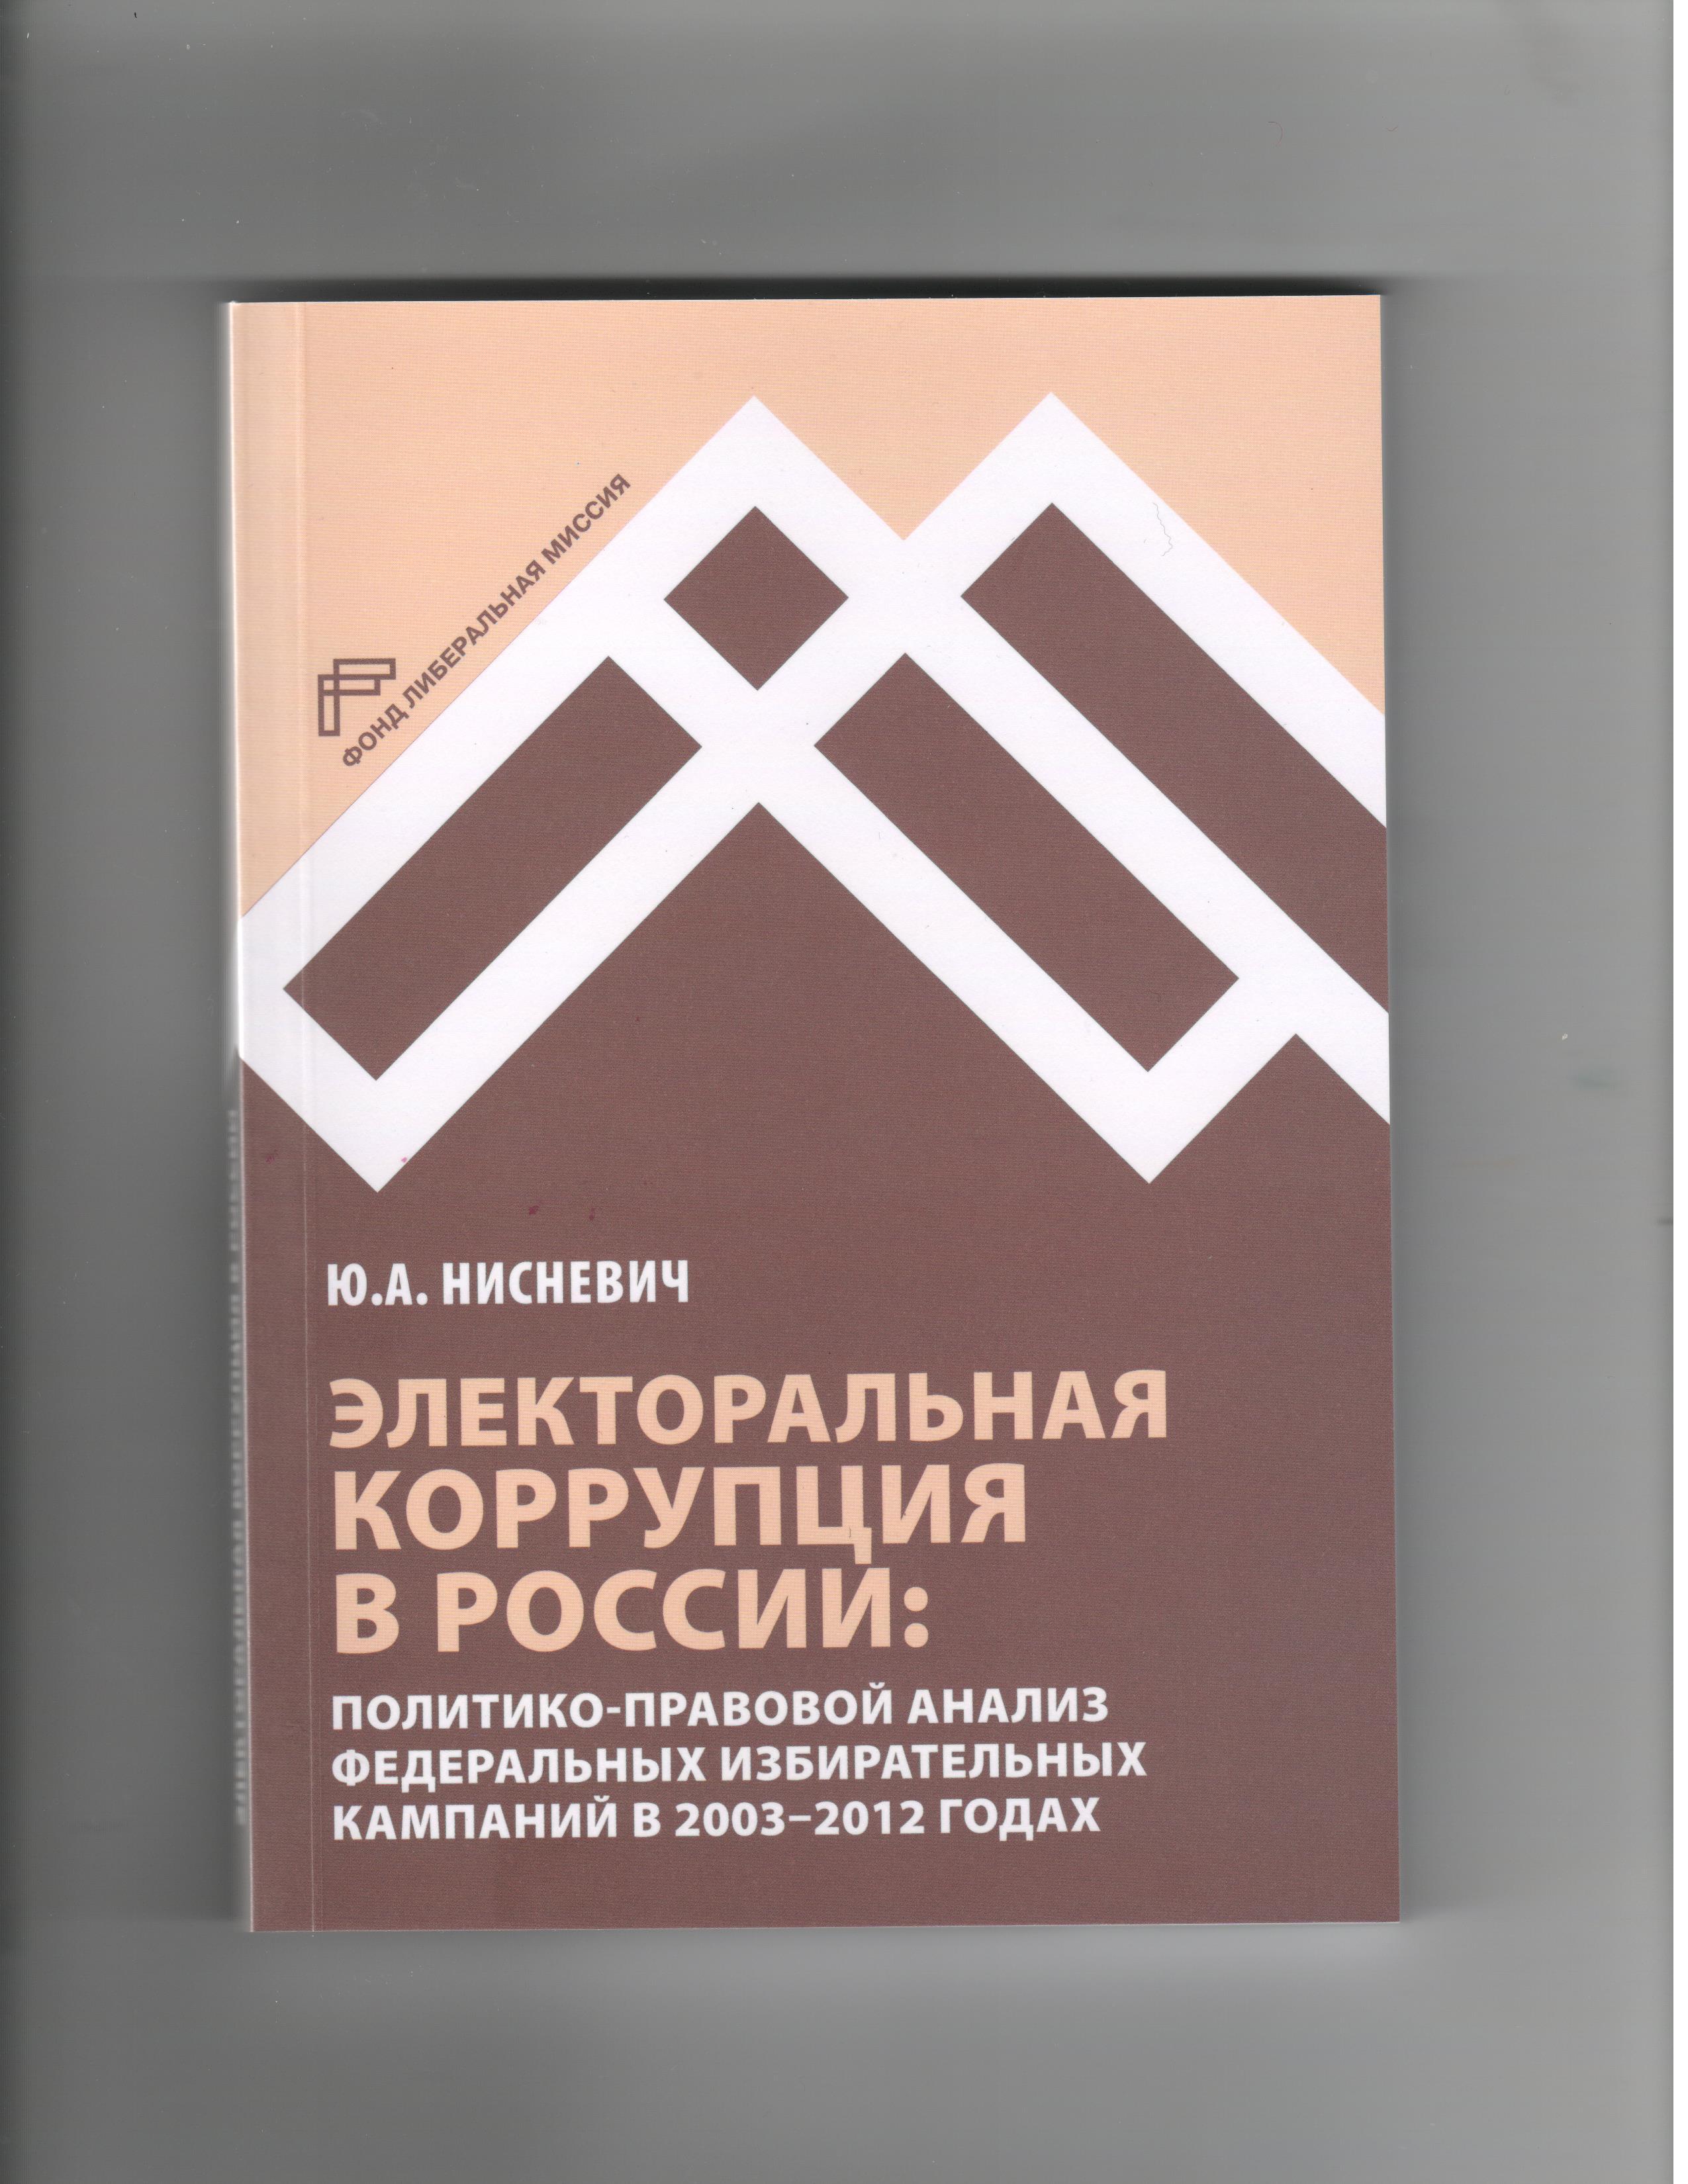 Электоральная коррупция в России: политико-правовой анализ федеральных избирательных кампаний в 2003-2012 годах